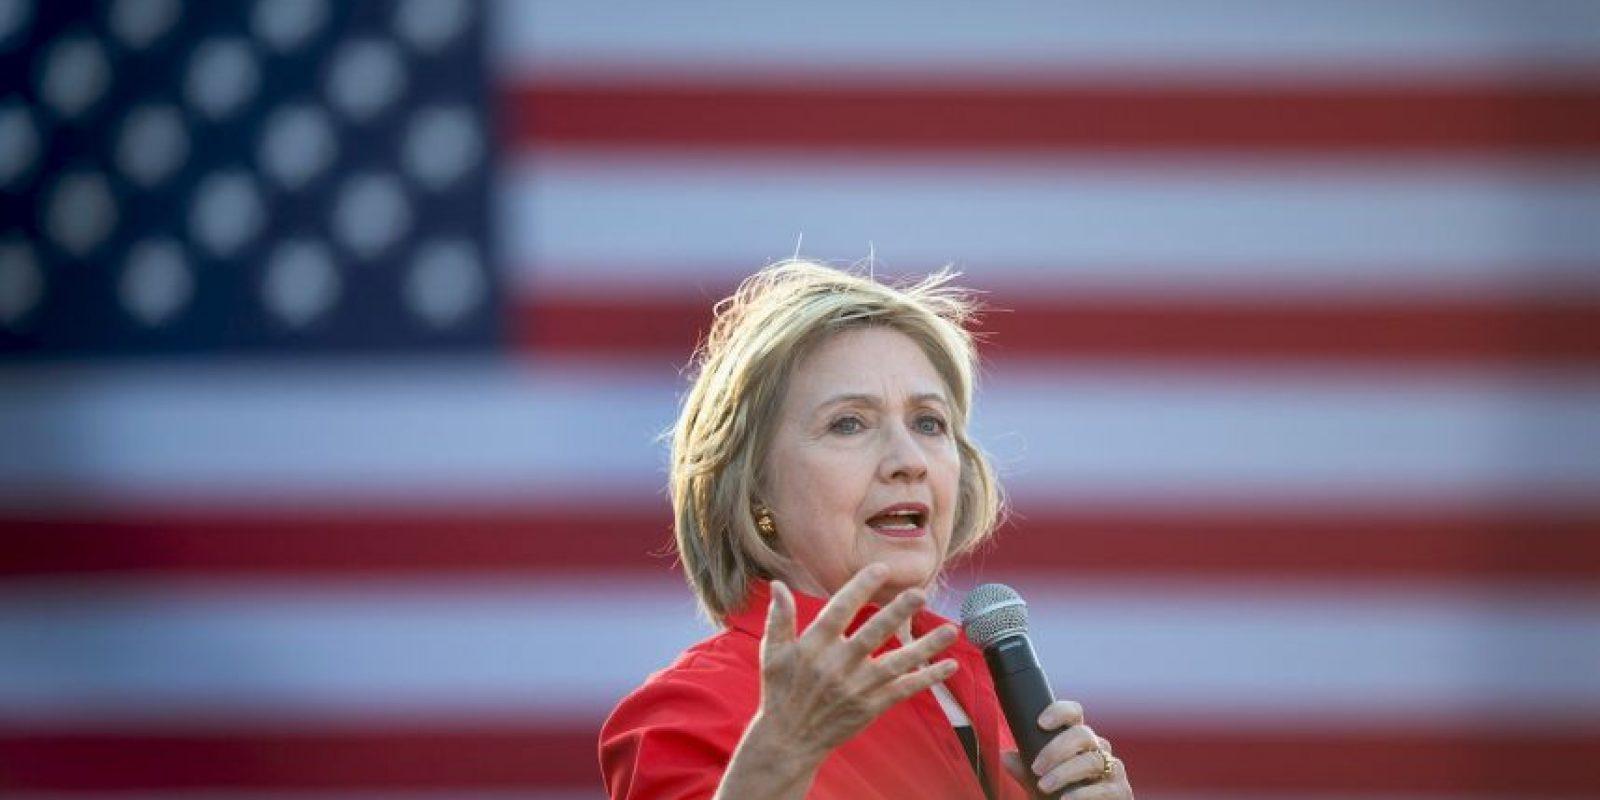 Pero a pesar de la seriedad del asunto, algunos disfrutan jugar con la imagen de la exprimera dama. Foto:Getty Images